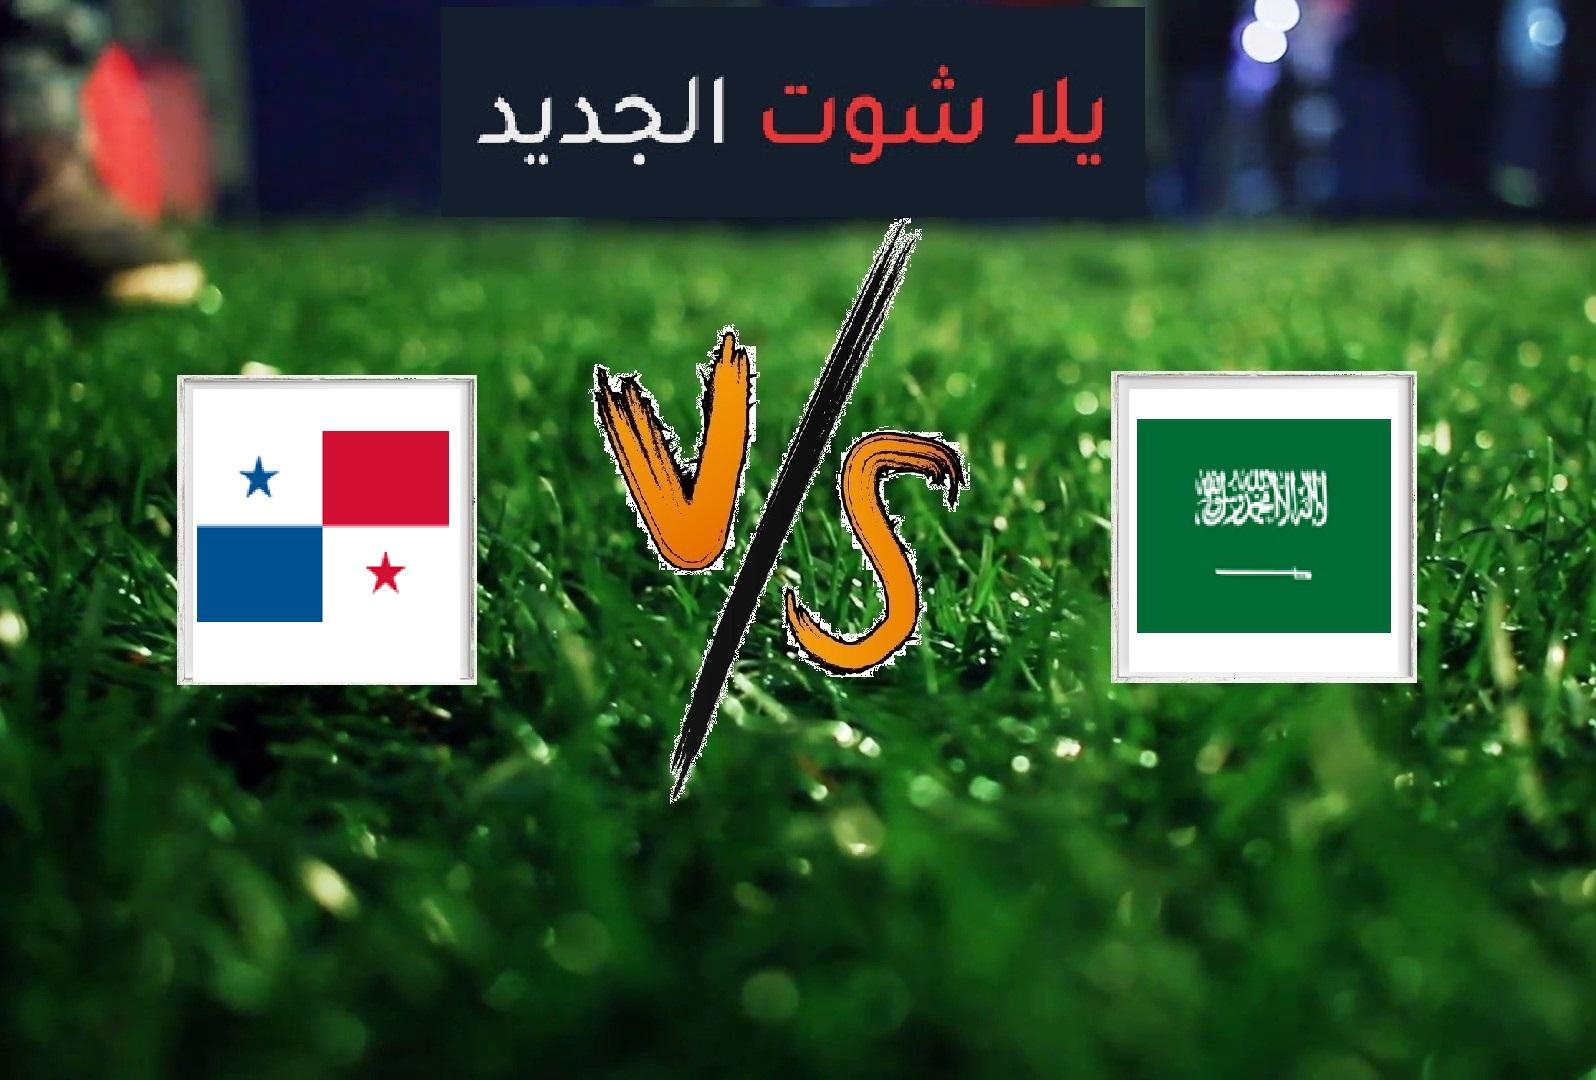 ملخص مباراة السعودية وبنما اليوم الجمعة بتاريخ 31-05-2019 كأس العالم للشباب تحت 20 سنة